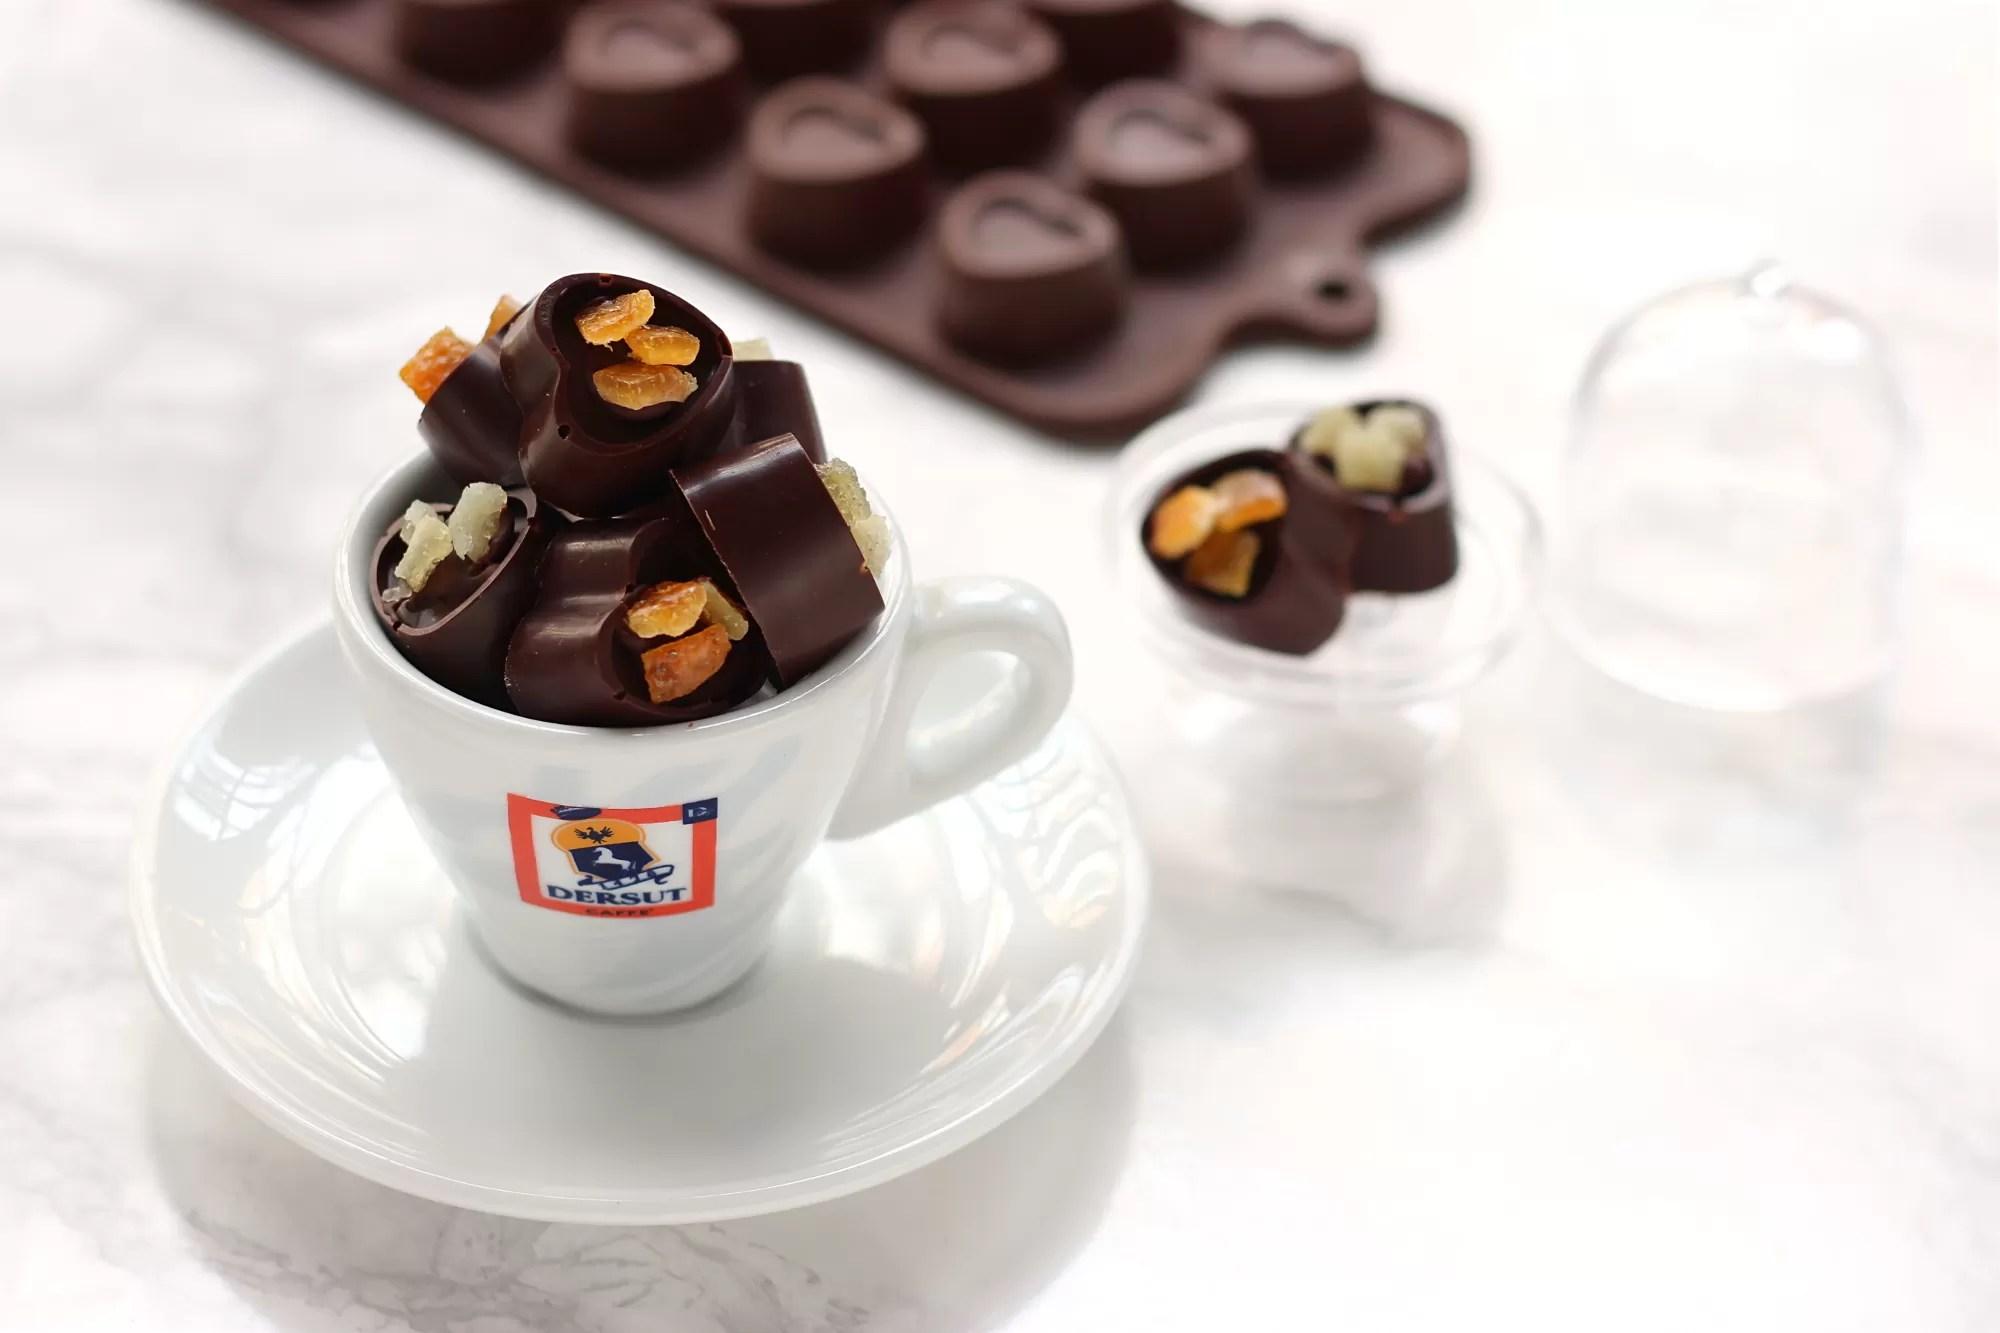 Ricetta cioccolatini al caffè